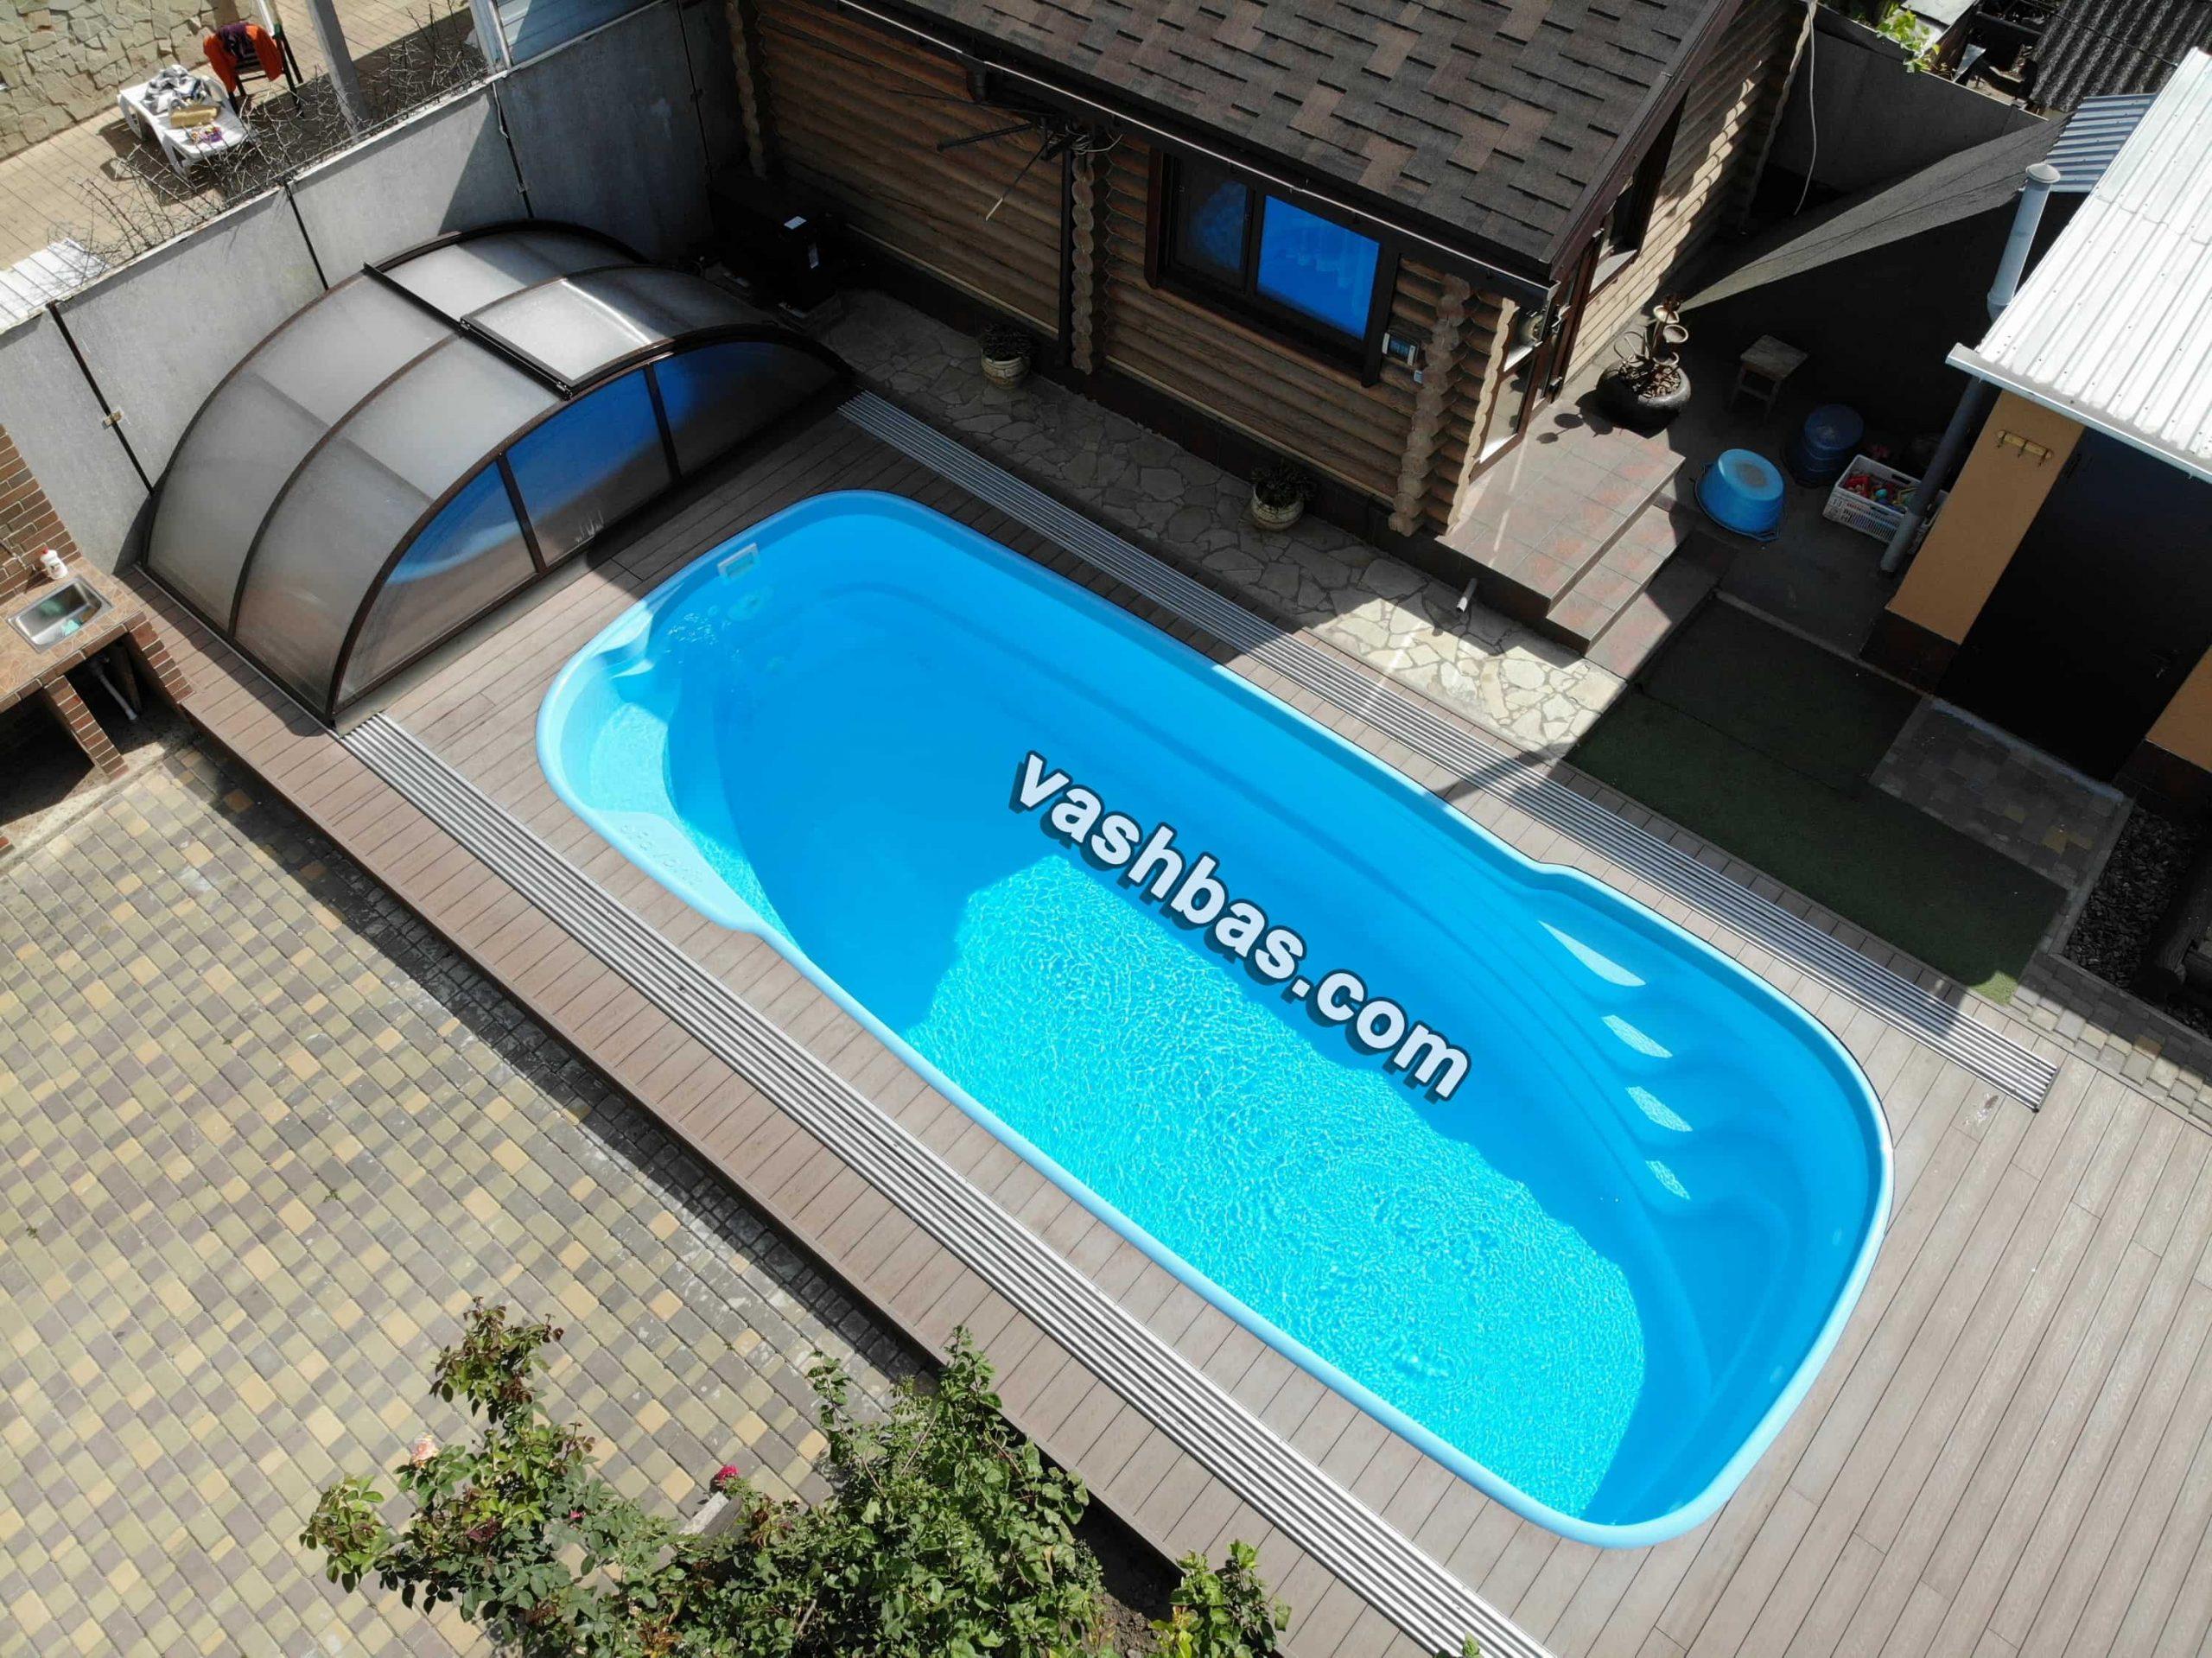 Строительство бассейнов в Одессе по лучшей цене от интернет-магазина vashbas.com